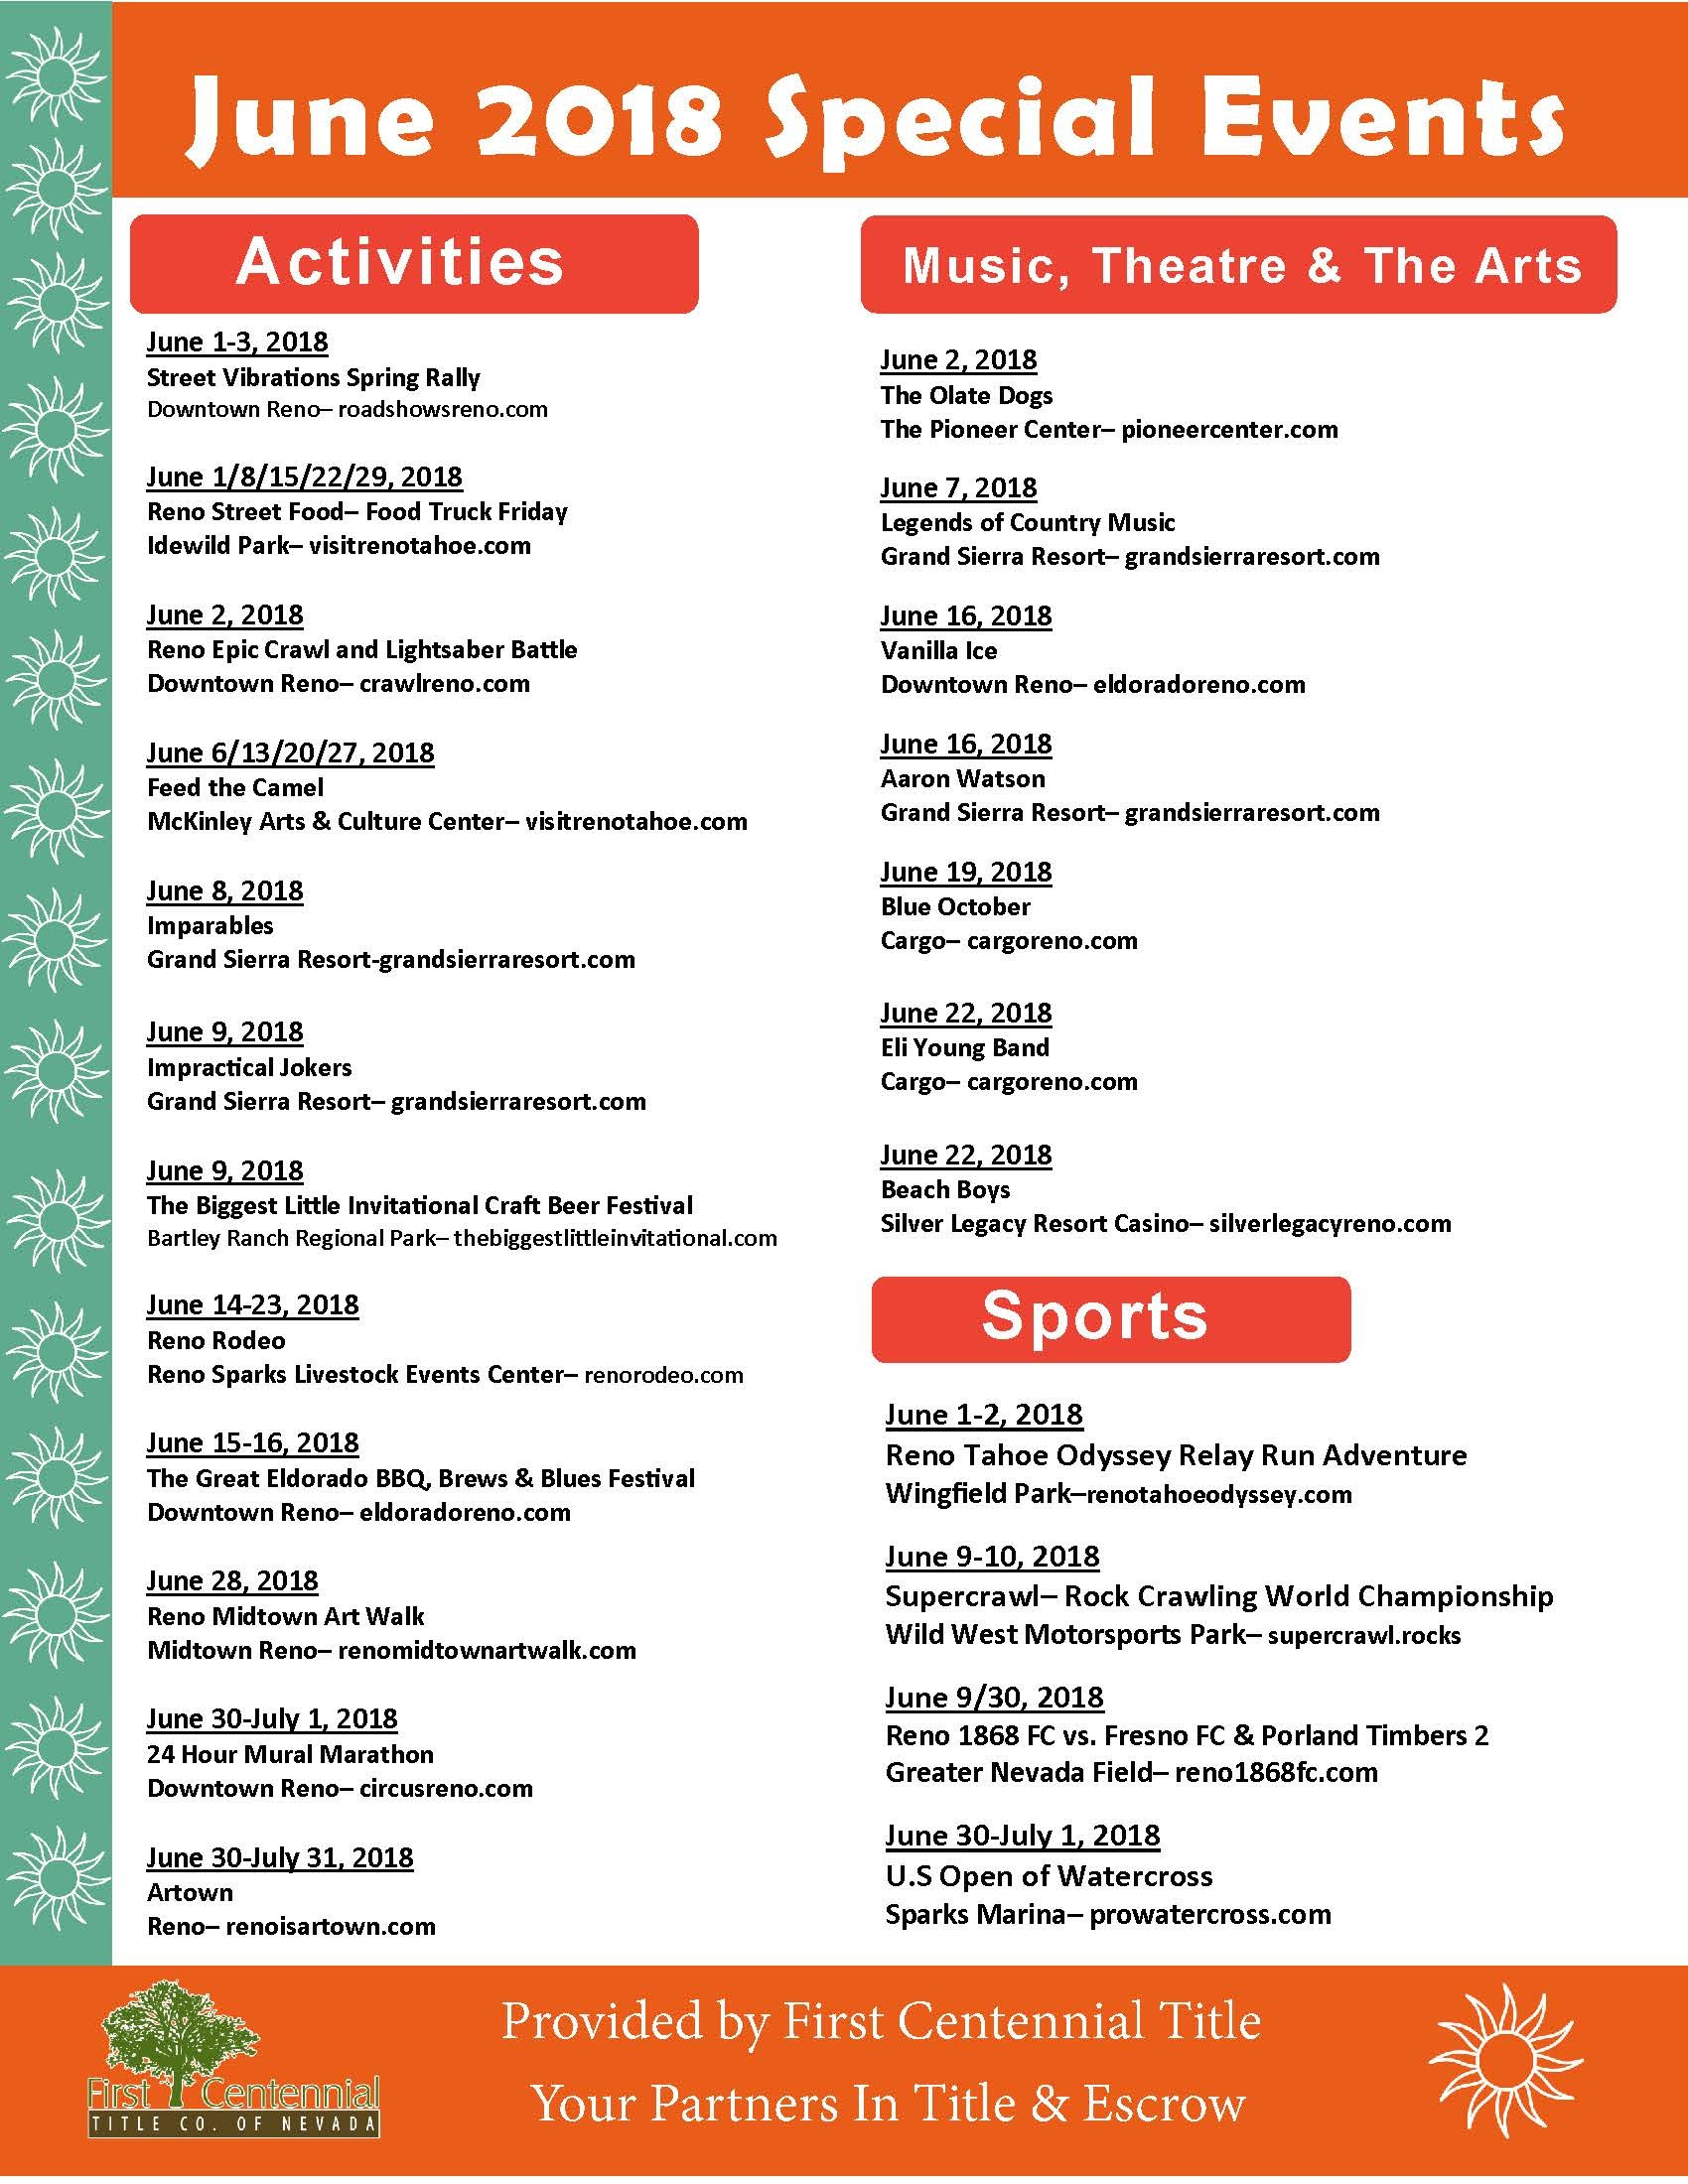 Reno Calendar June : June special events in reno nv